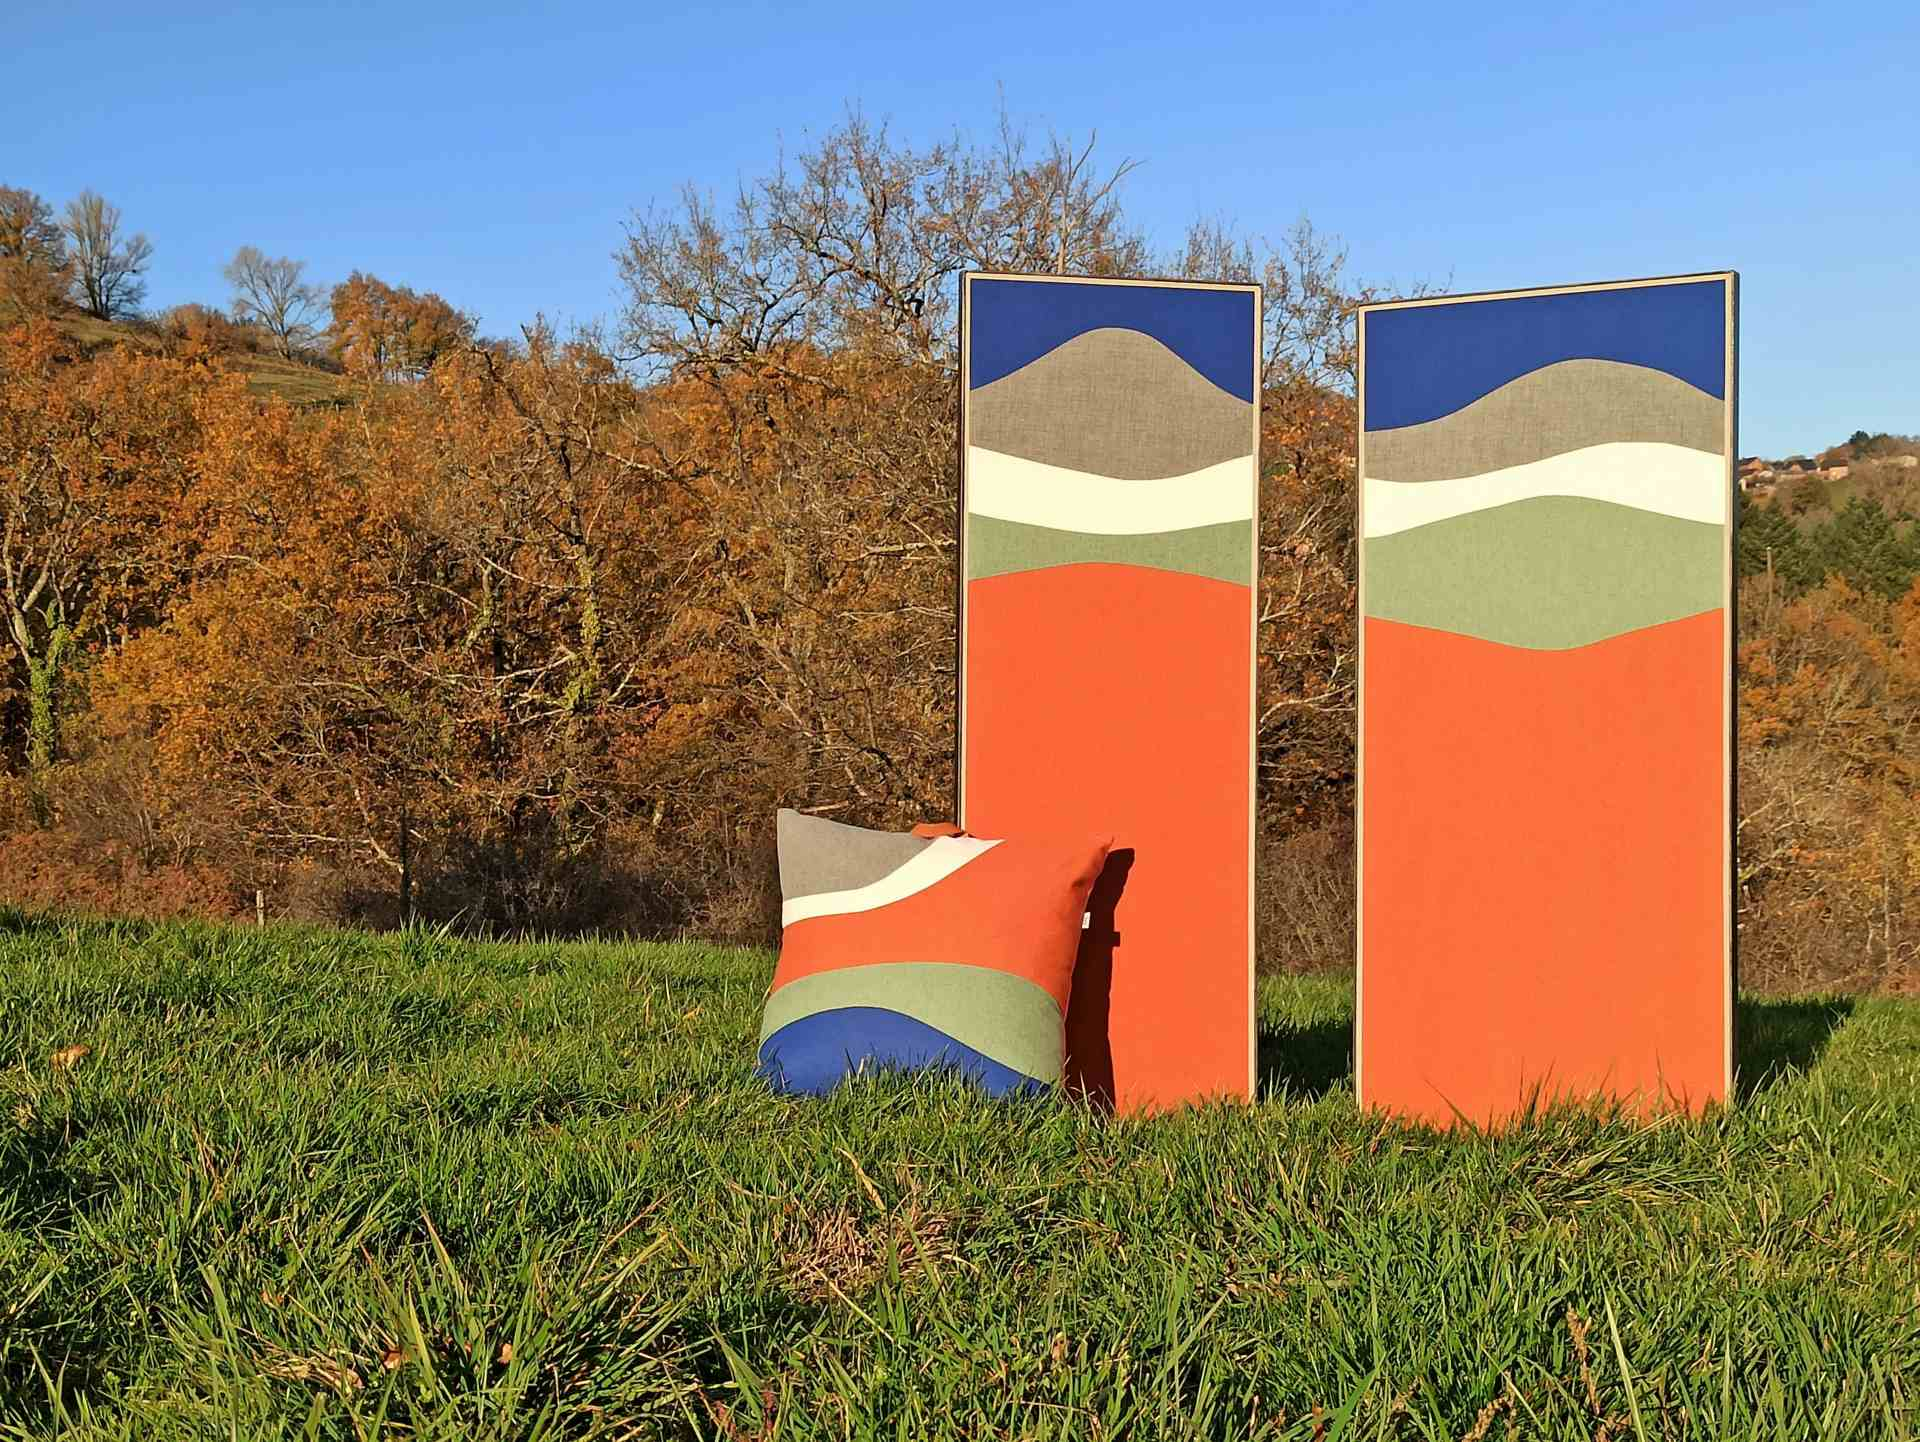 """Paravent contemporain """"Panoramique"""" © Atelier Marlène Vidal"""